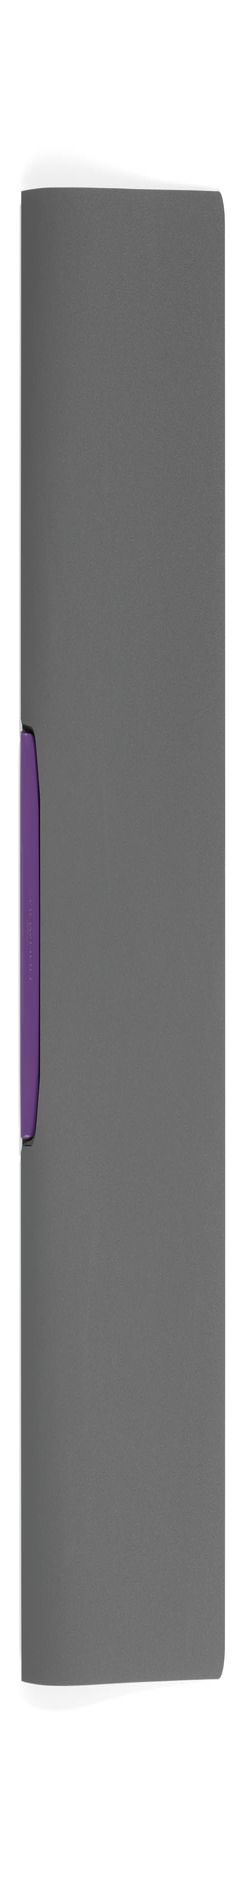 230400-12 Папка DURASWING COLOR с фиолетовым клипом фото